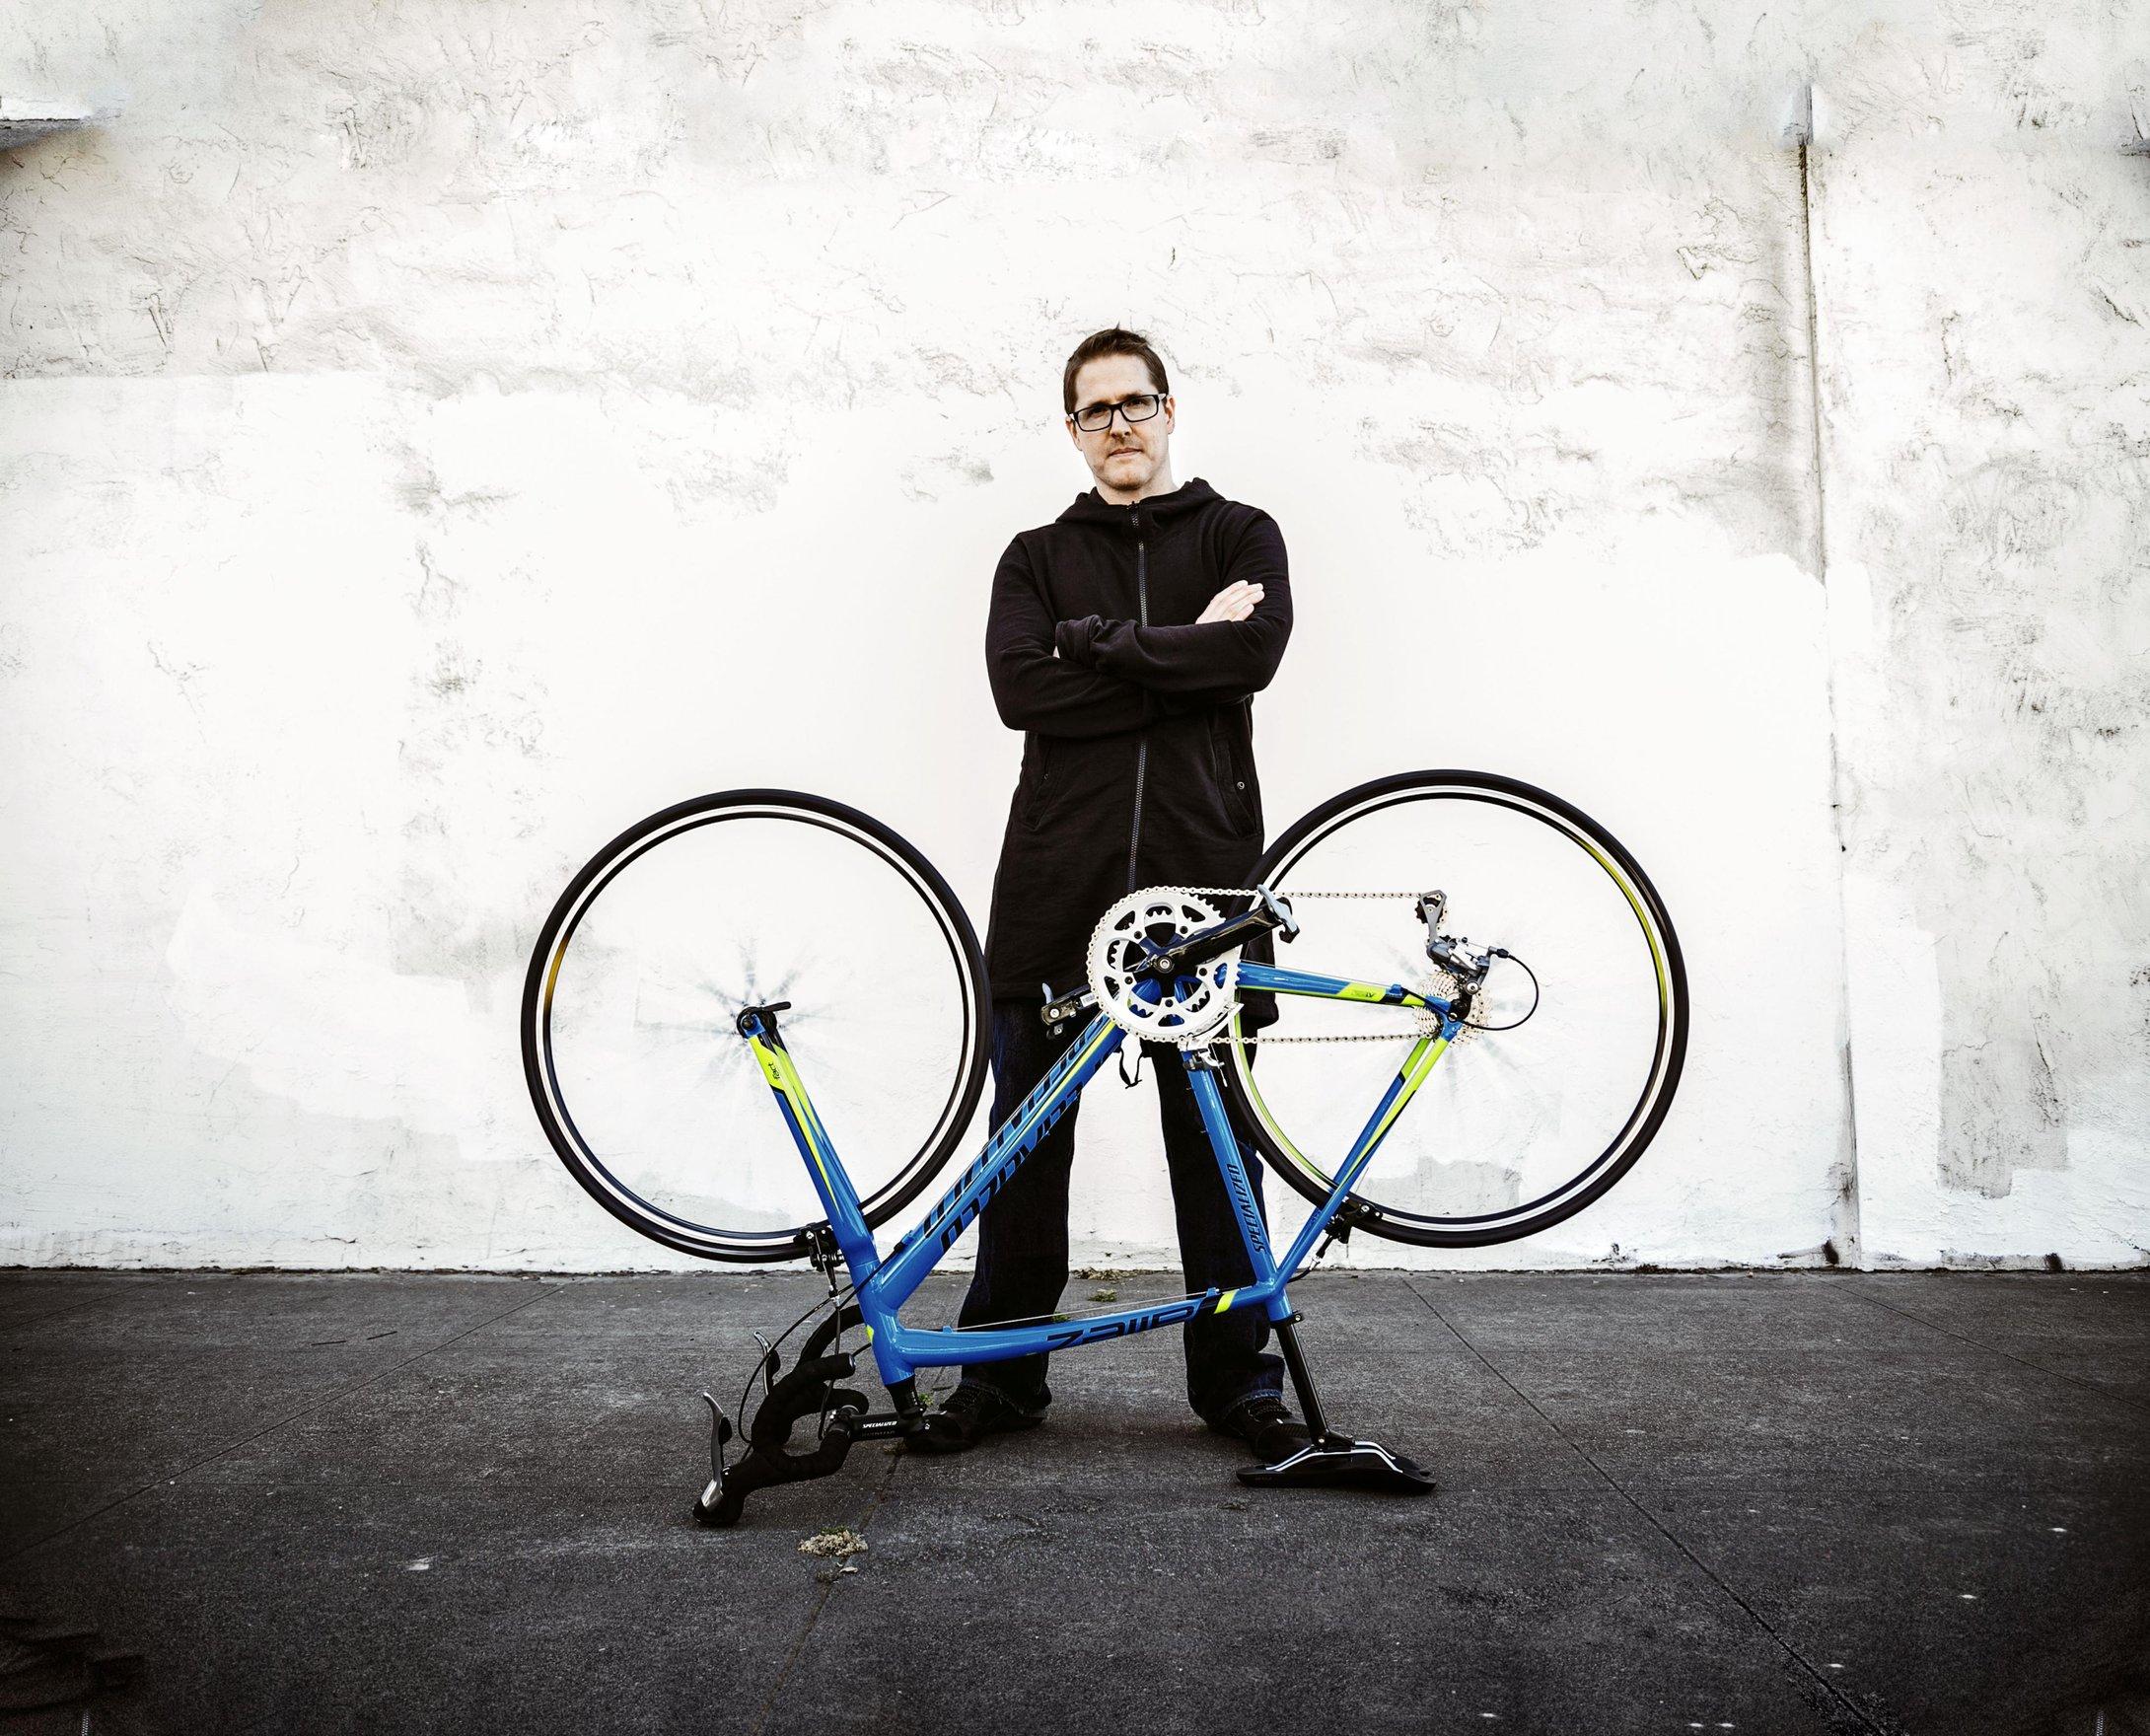 Faire de la musique avec les composants d'un vélo